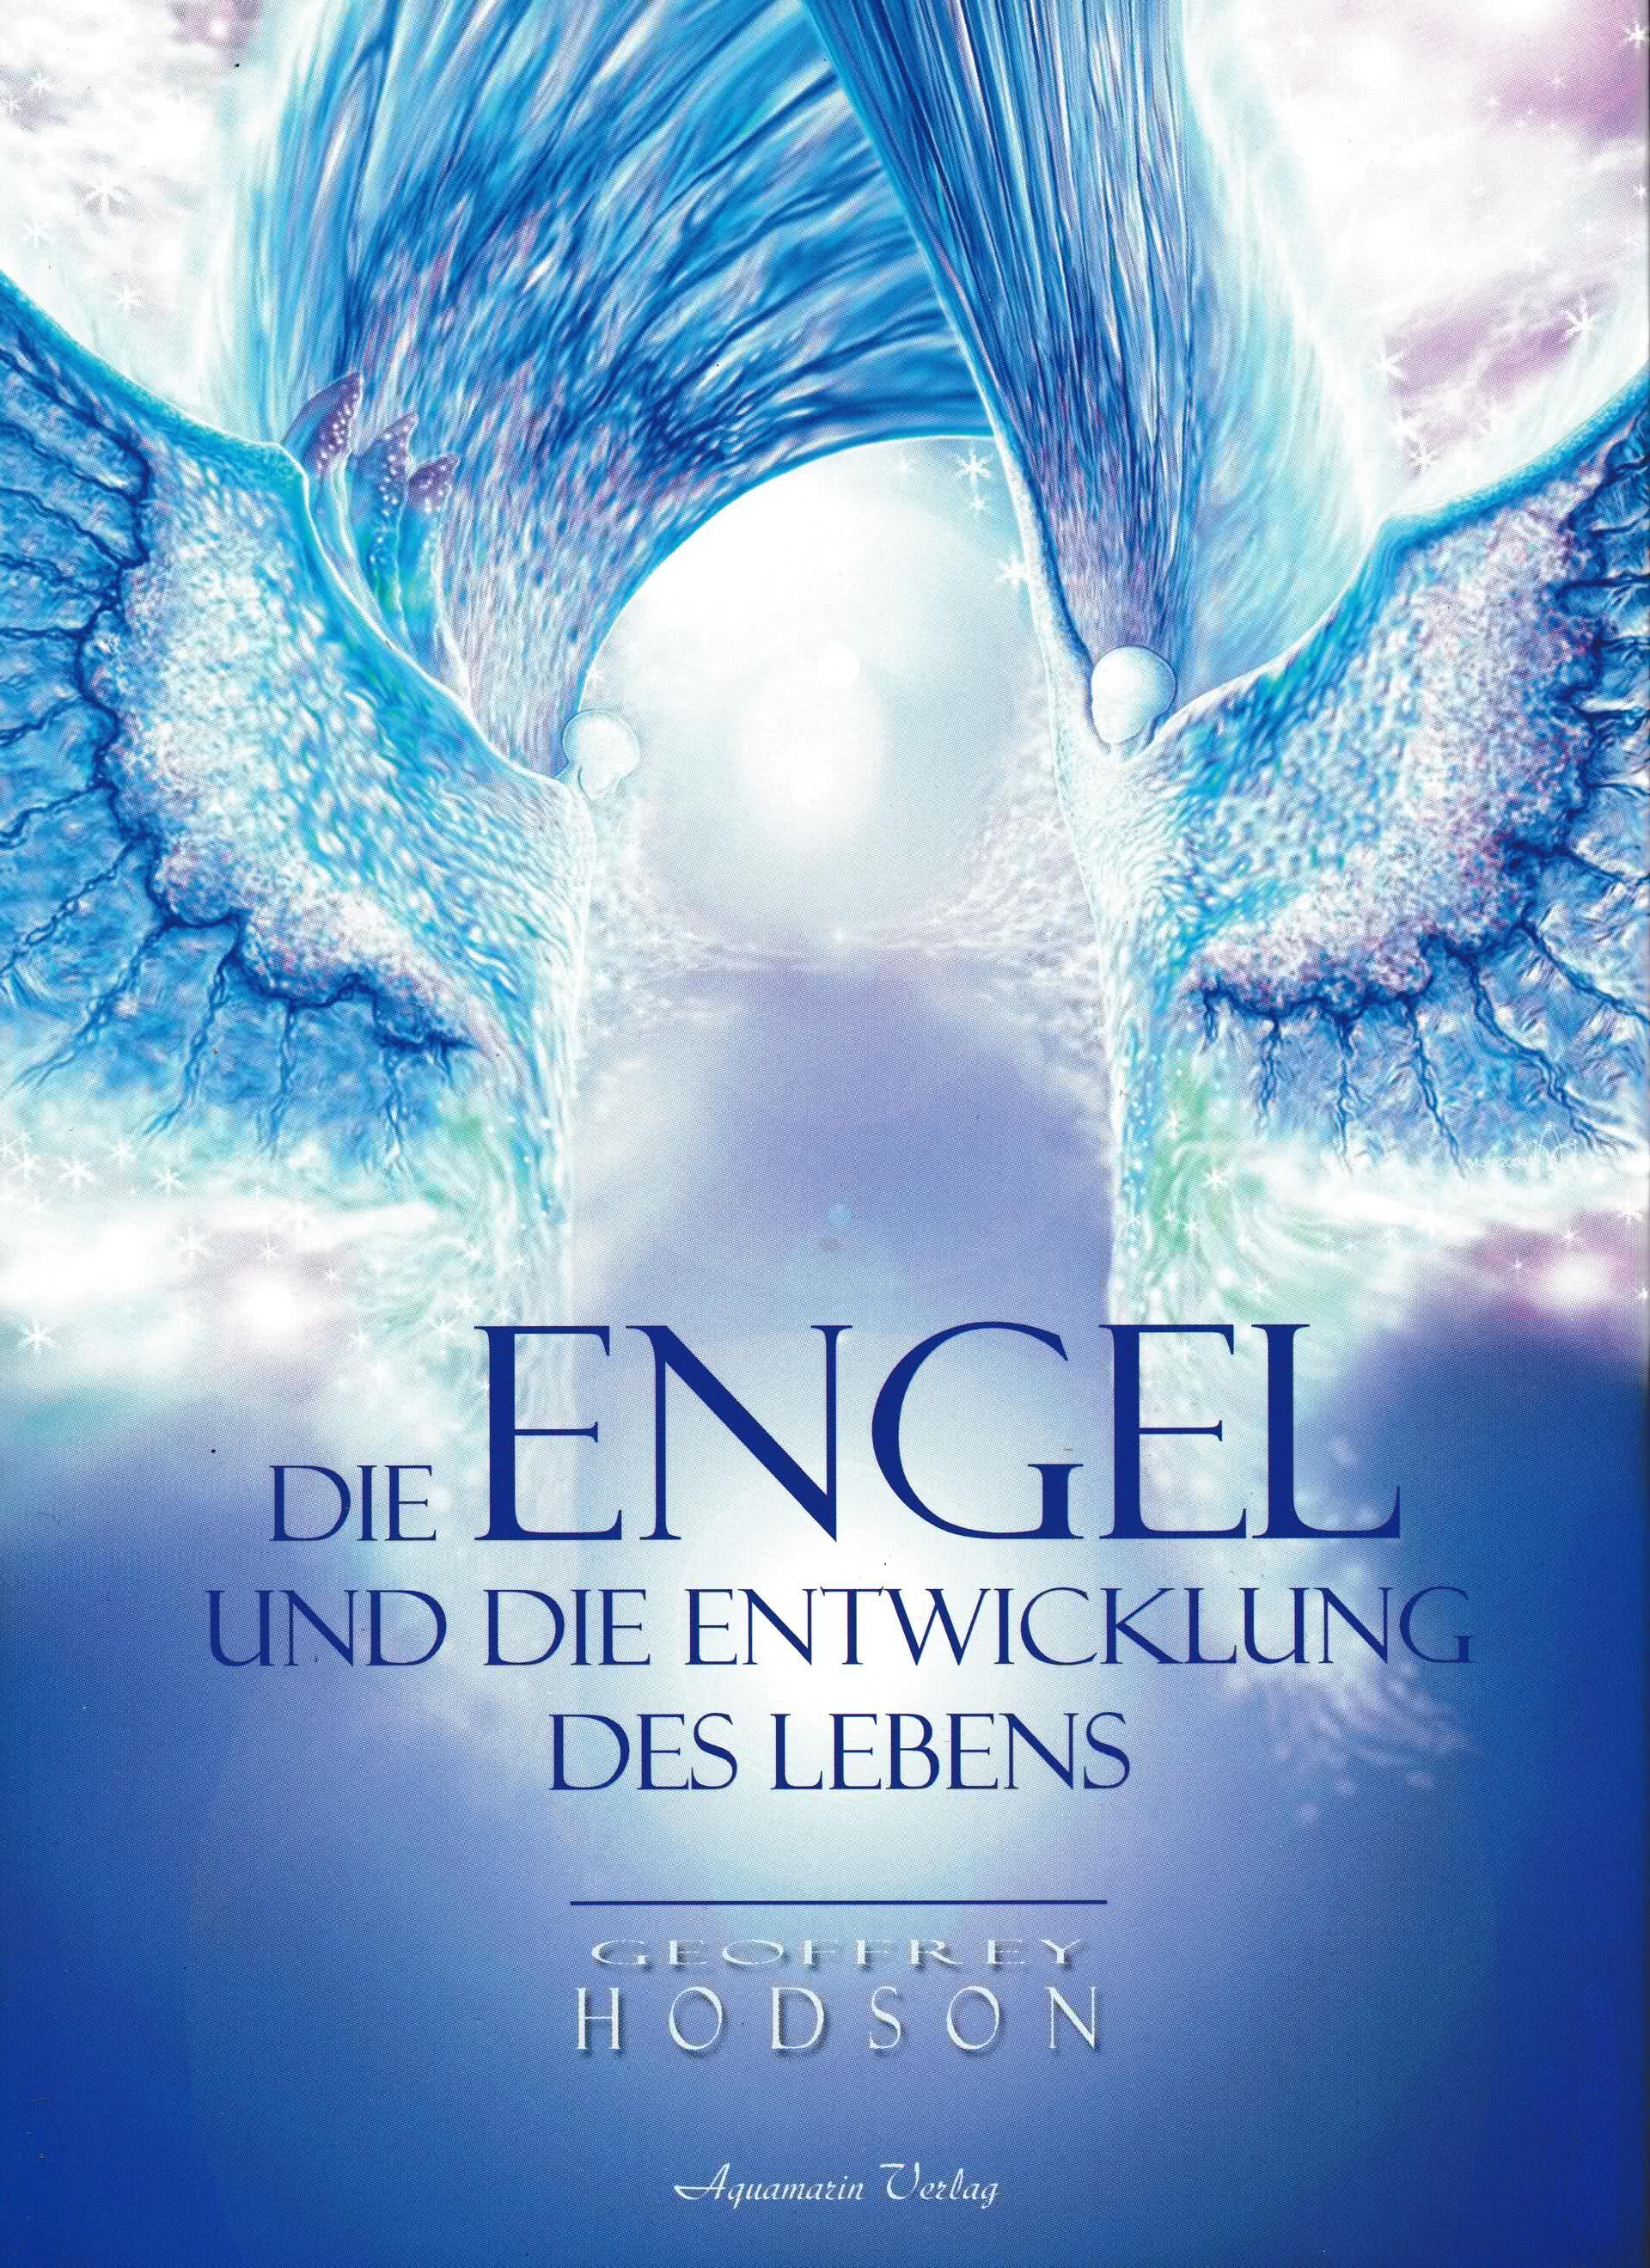 Die Engel und die Entwicklung des Lebens